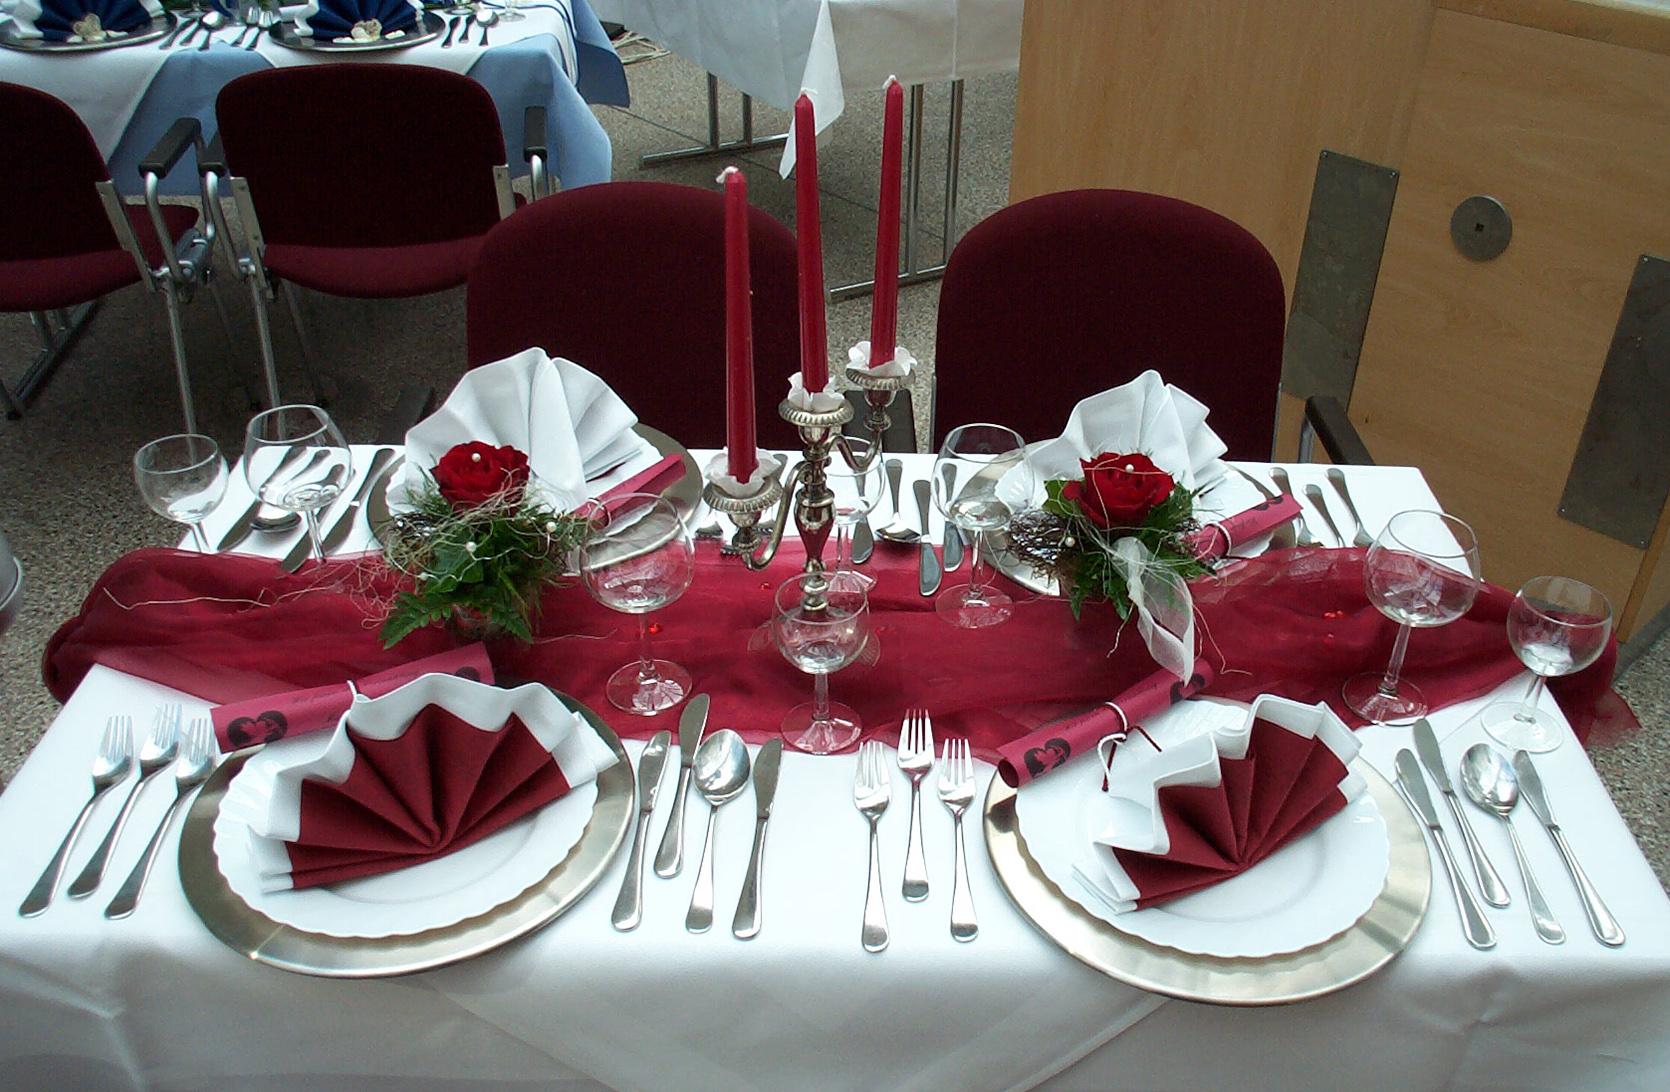 Tischdeko weihnachtsfeier  Tischdeko-009.jpg